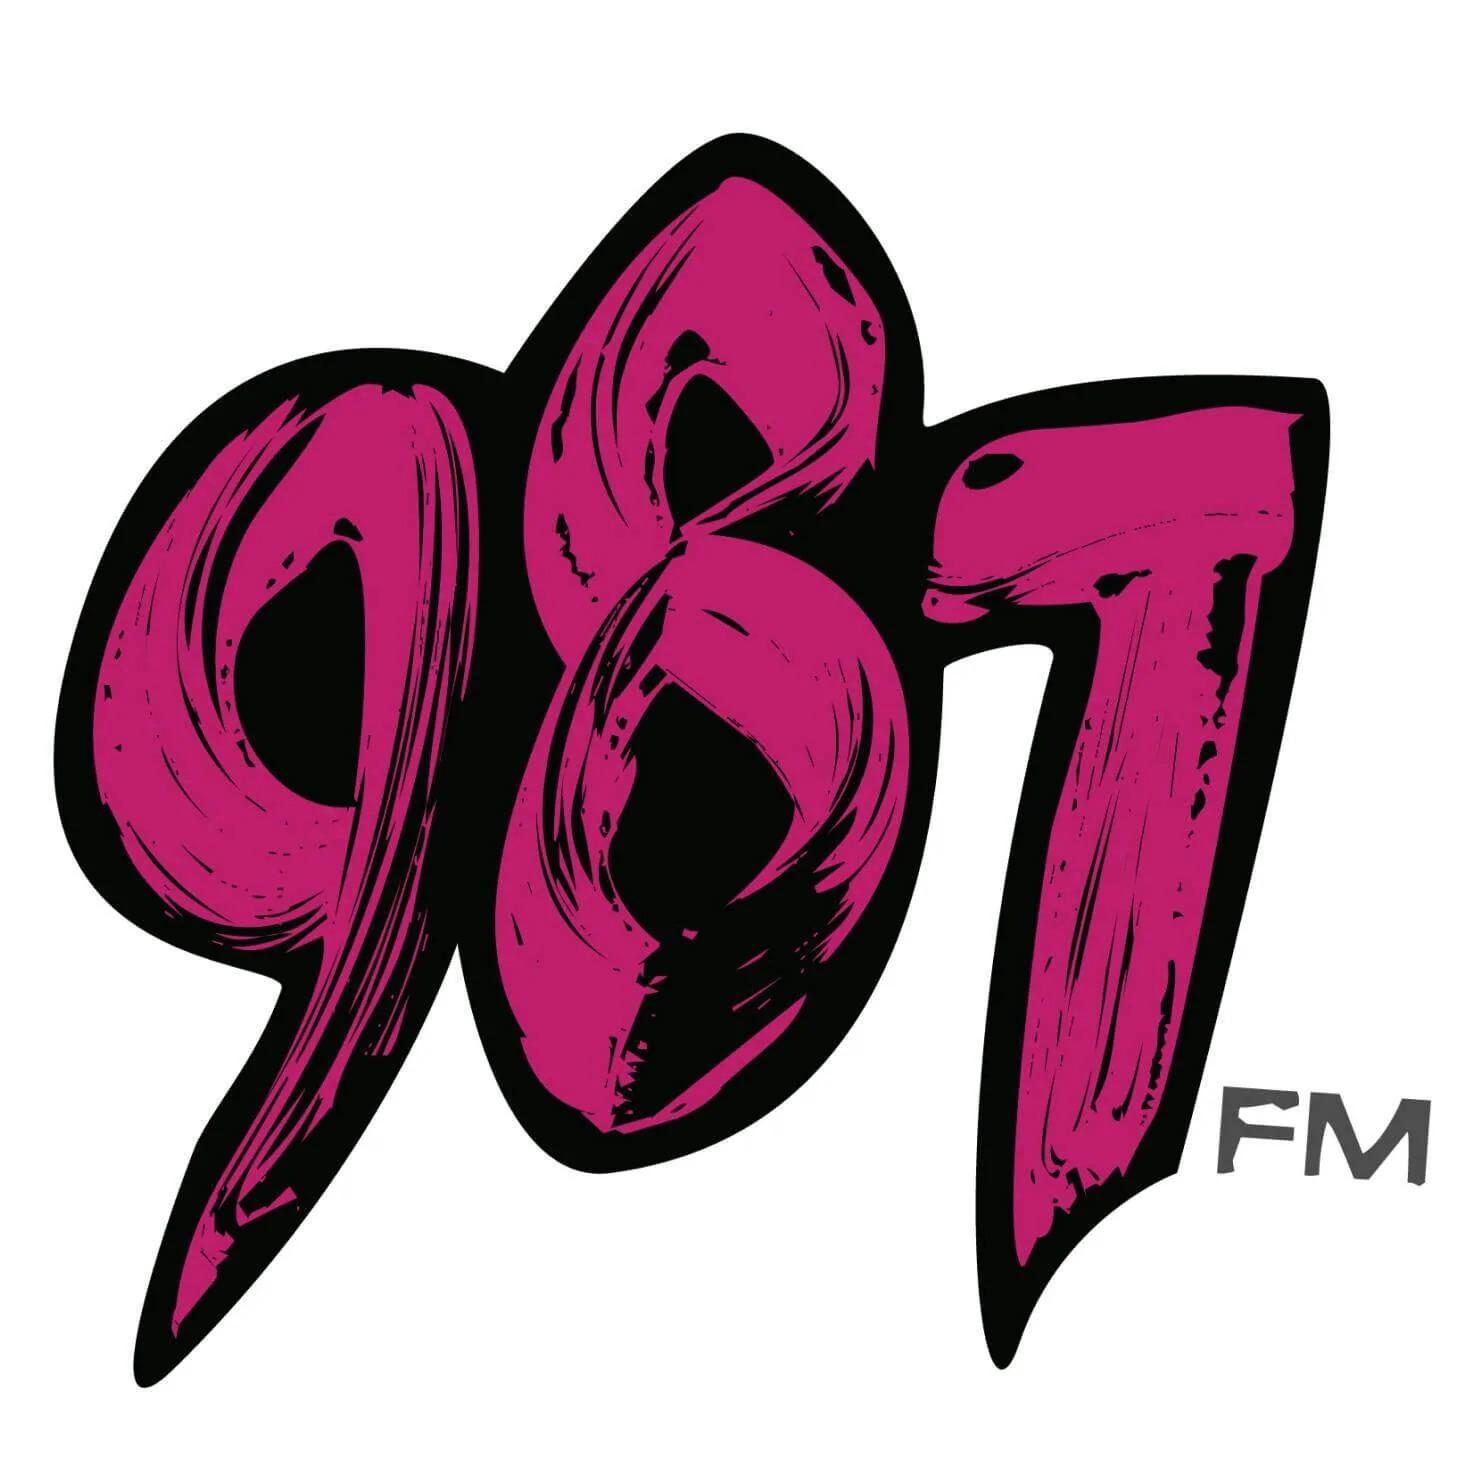 987fm Logo